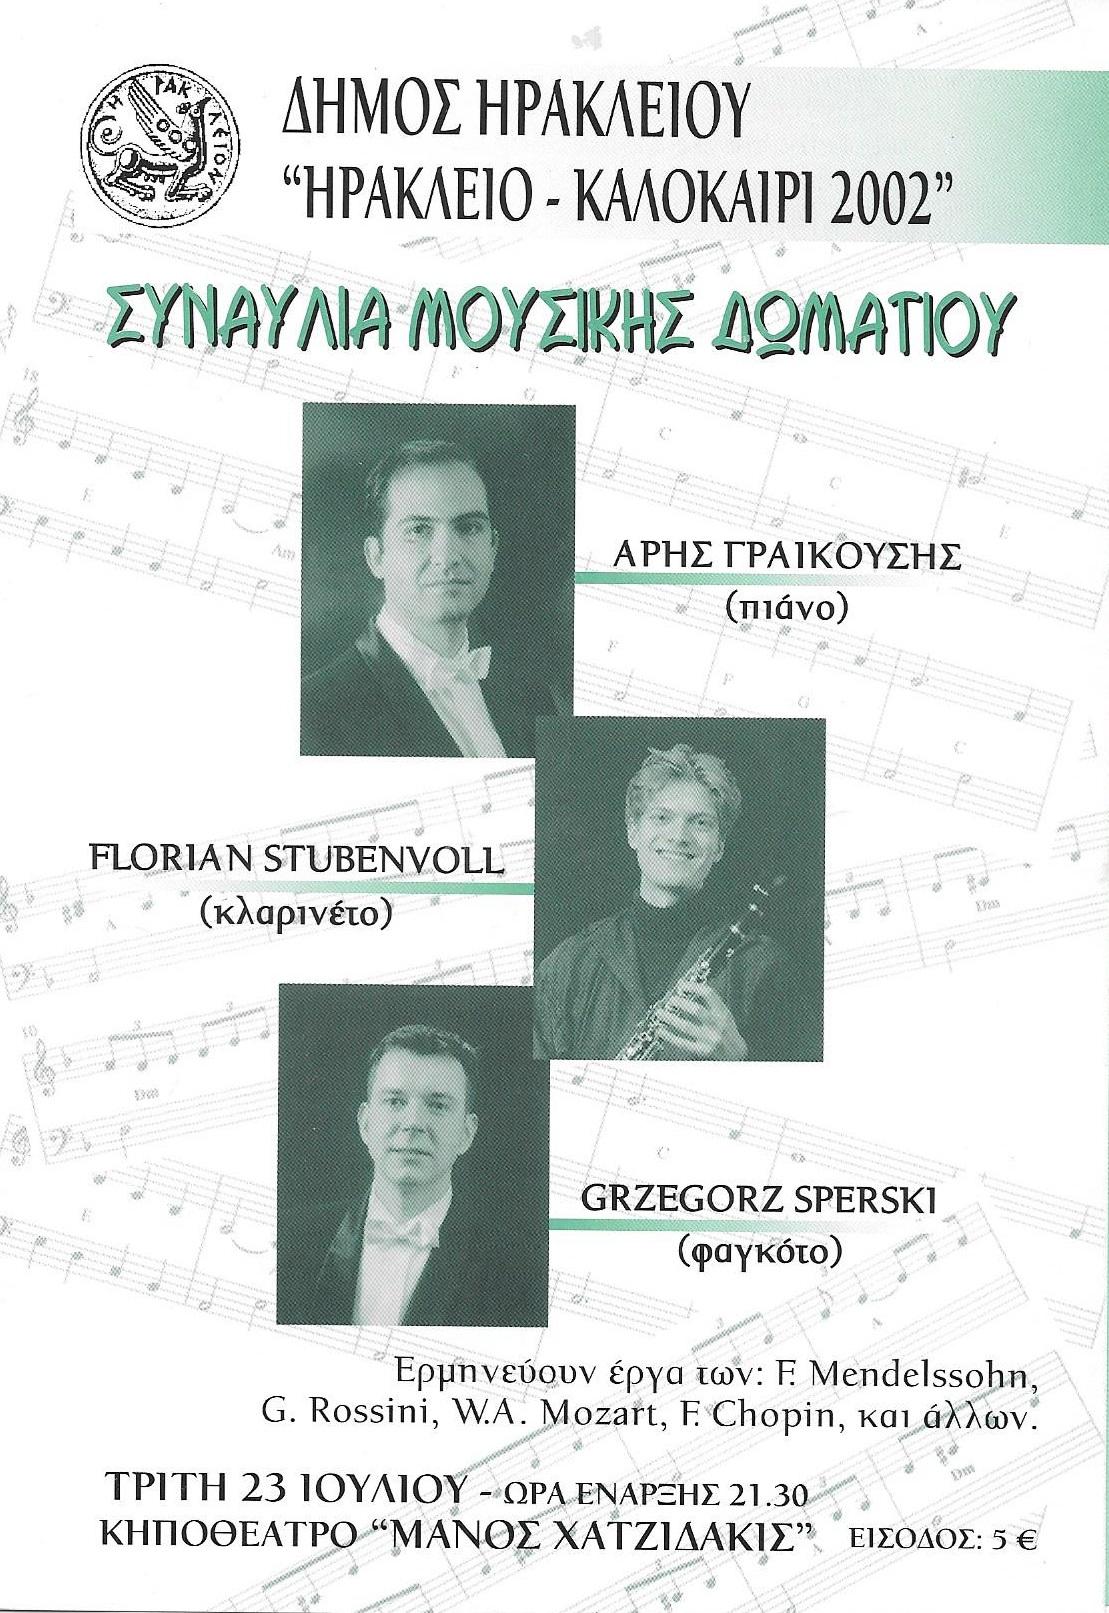 Συναυλία Μουσικής Δωματίου. Φεστιβάλ Ηράκλειο - Καλοκαίρι 2002.